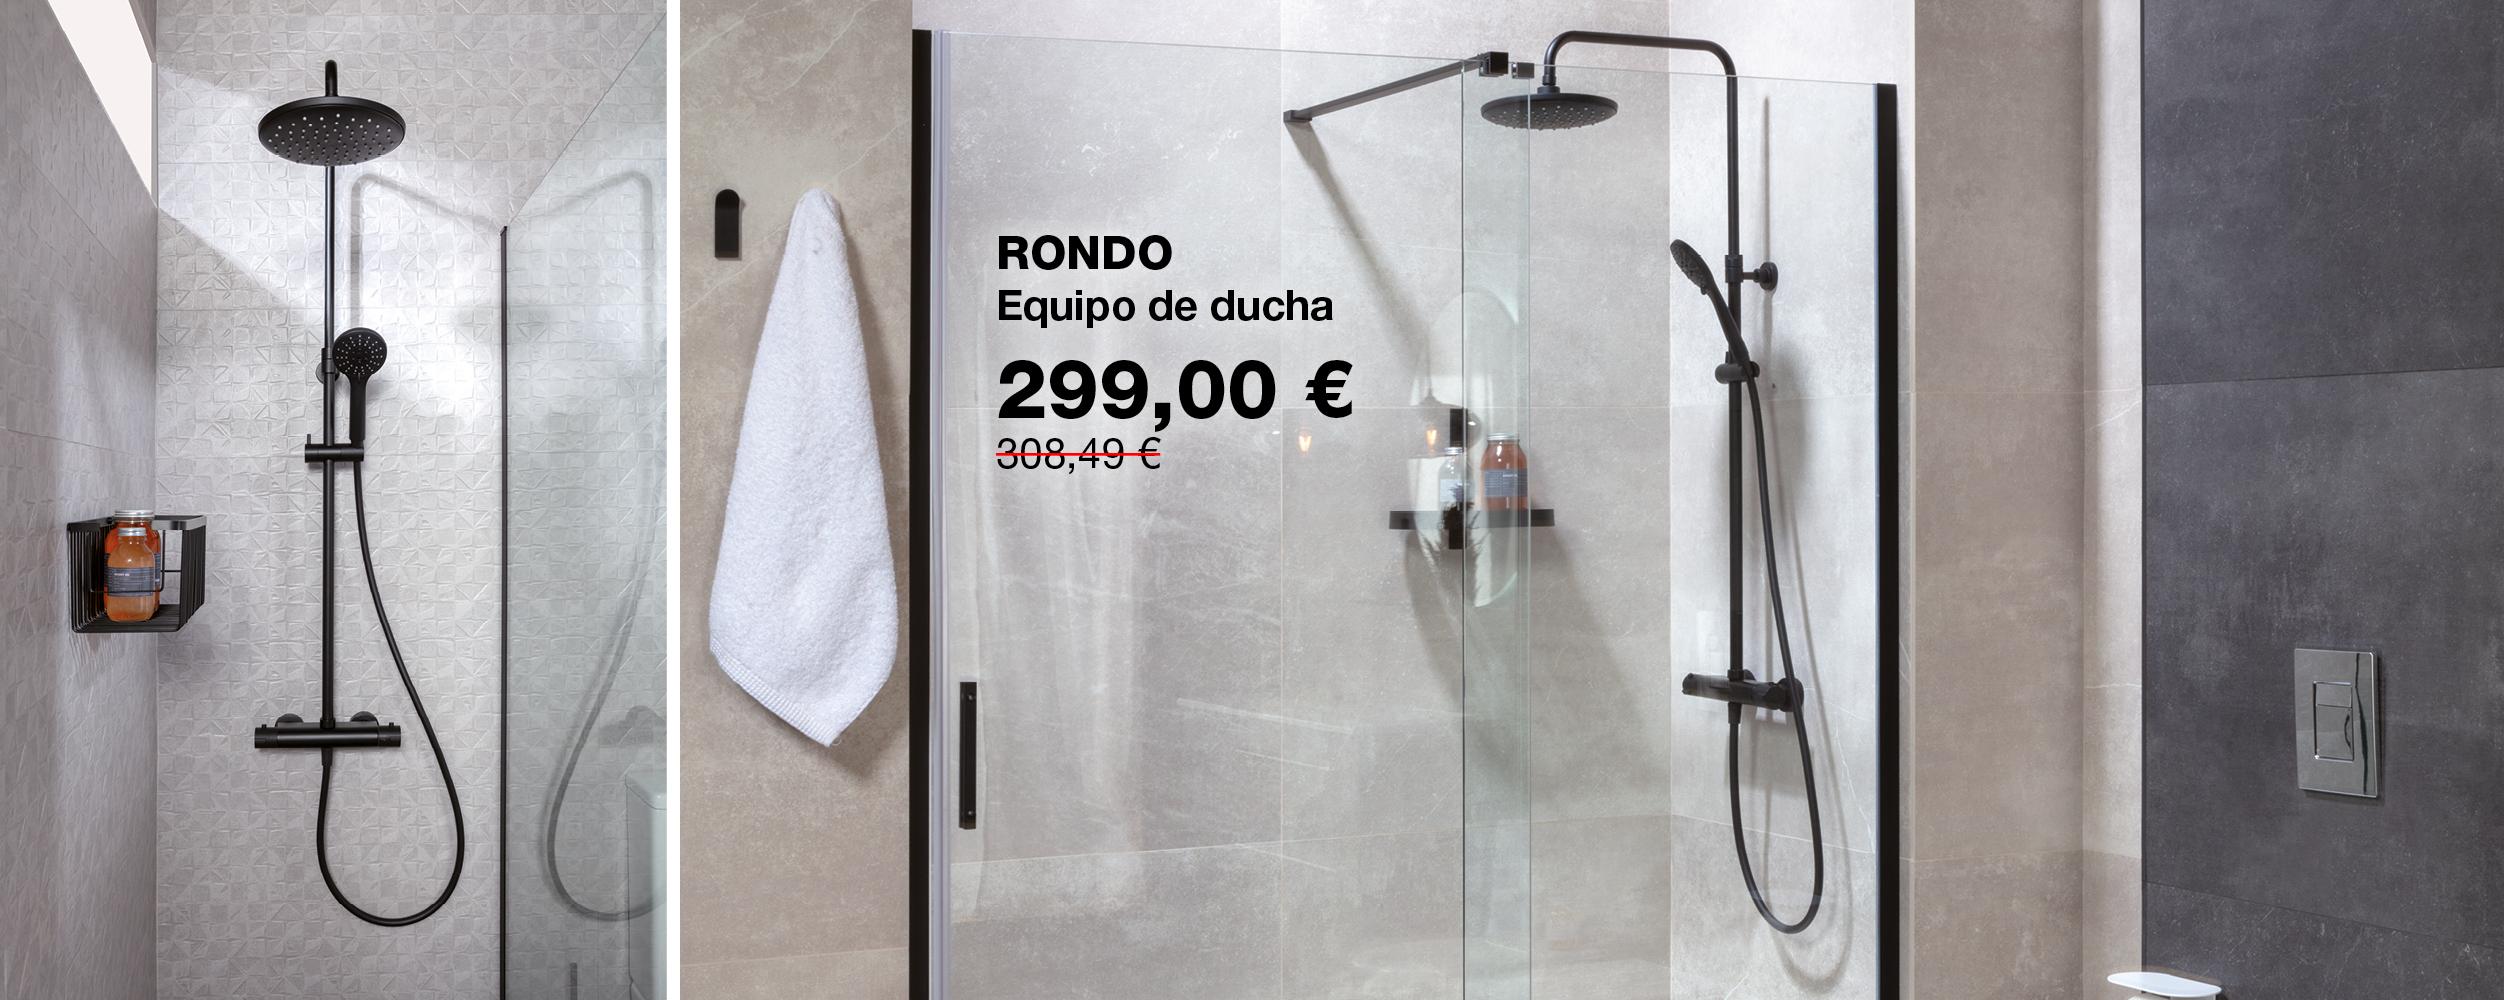 Equipo RONDO de ducha